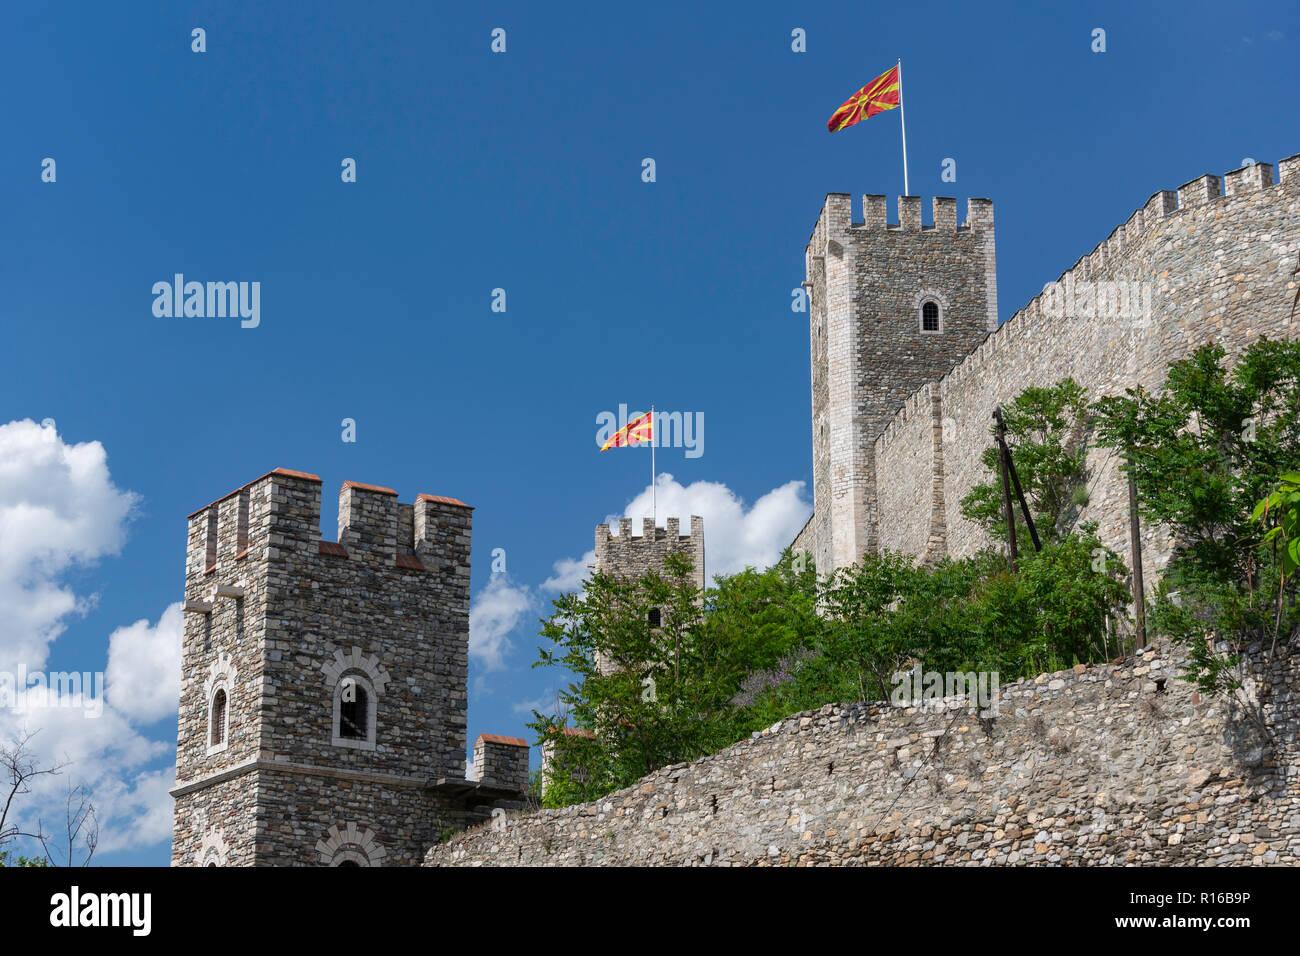 Outer walls of Skopje (Kale) Fortress, Skopje, Skopje Region, Republic of North Macedonia - Stock Image